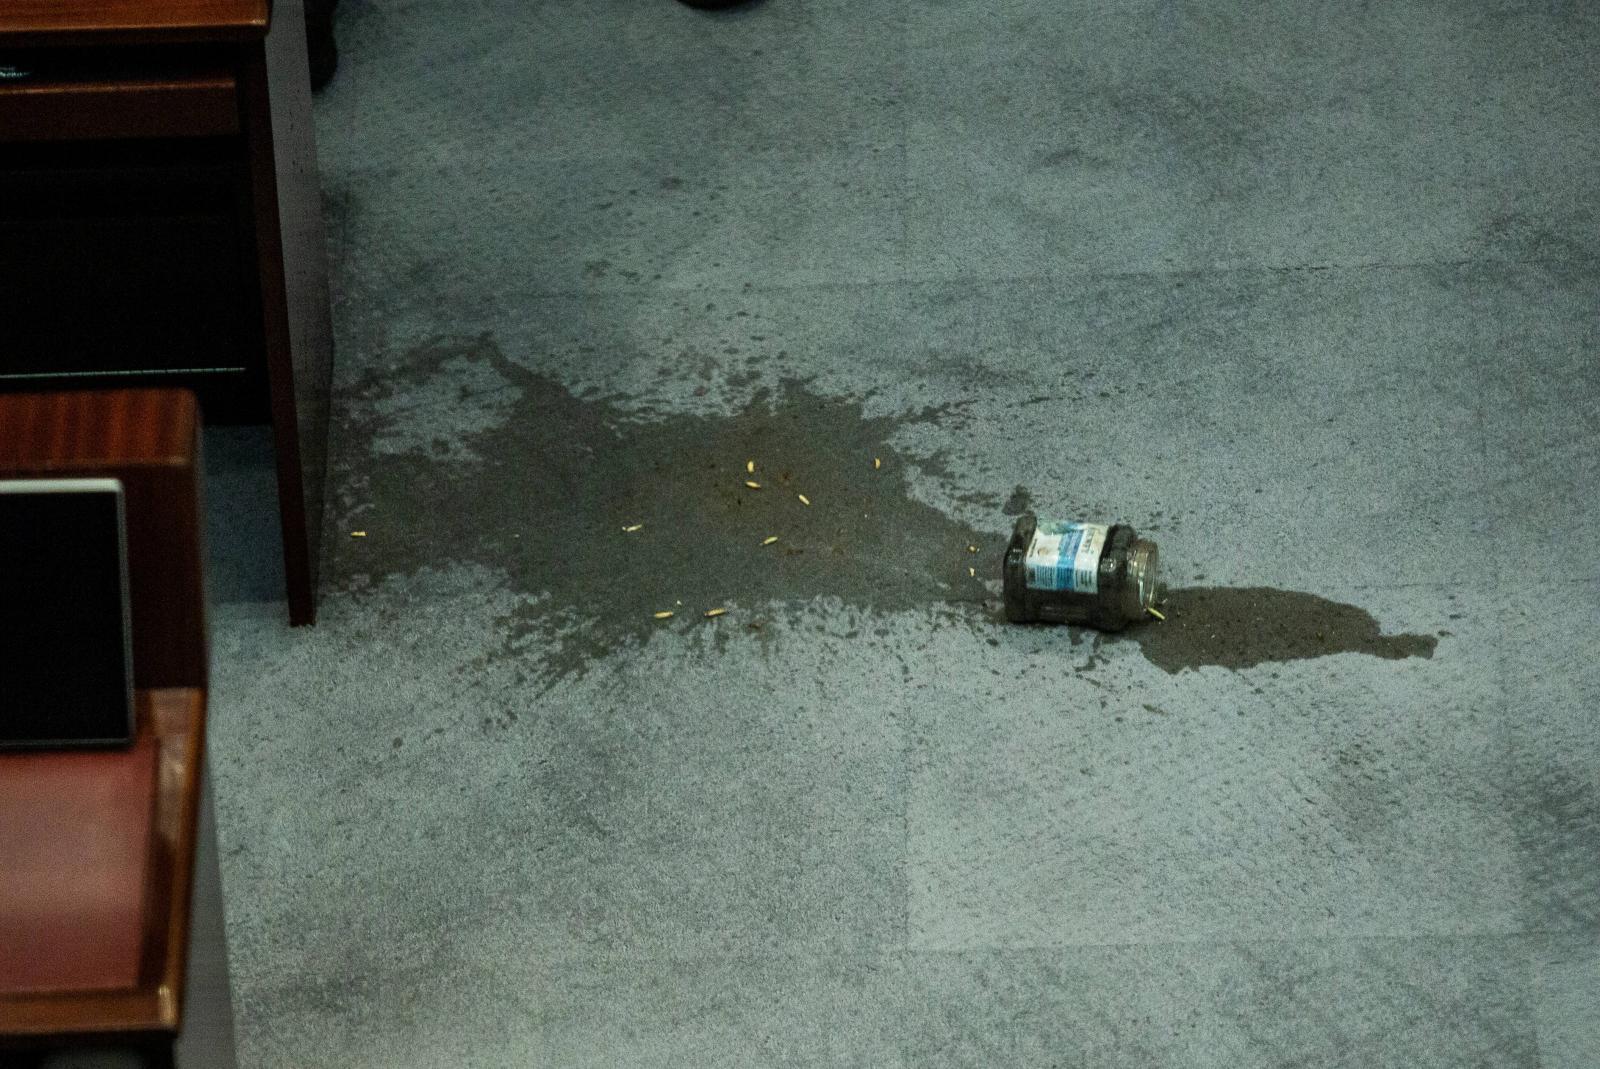 ตร.ฮ่องกงจับ 3 อดีตฝ่ายค้านปมขว้างของเหลวมีกลิ่นในสภา